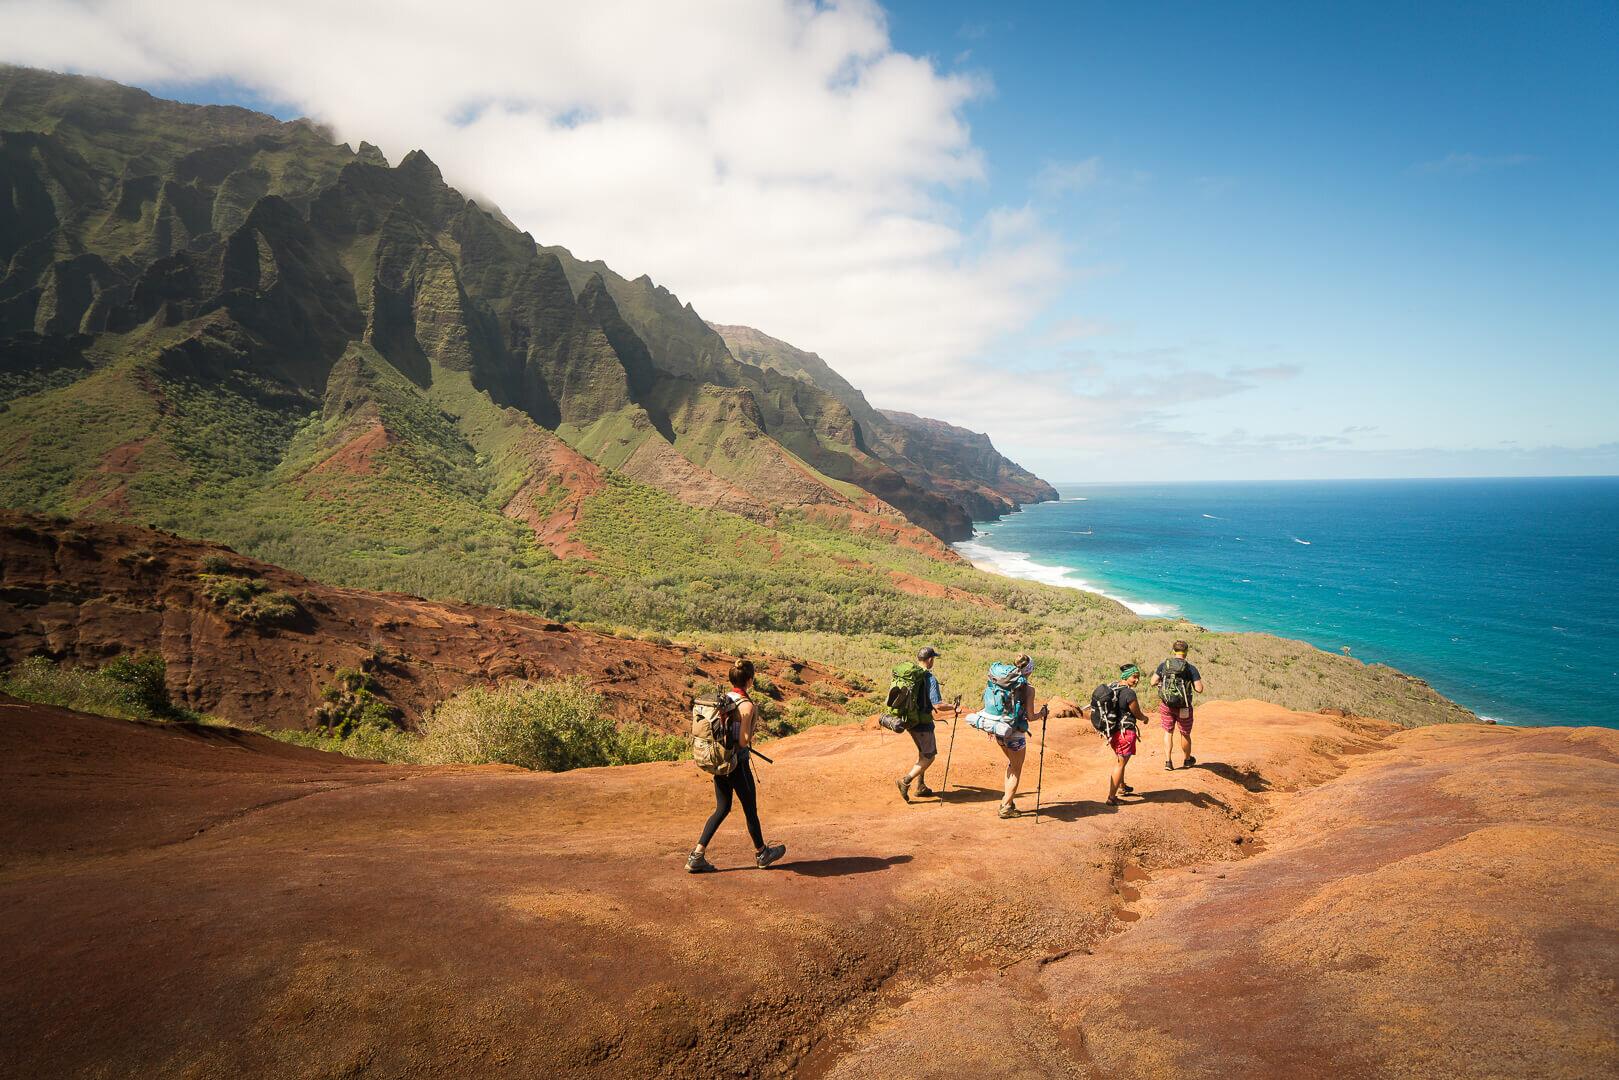 Hiking along the Kalalau Trail in Kauai.